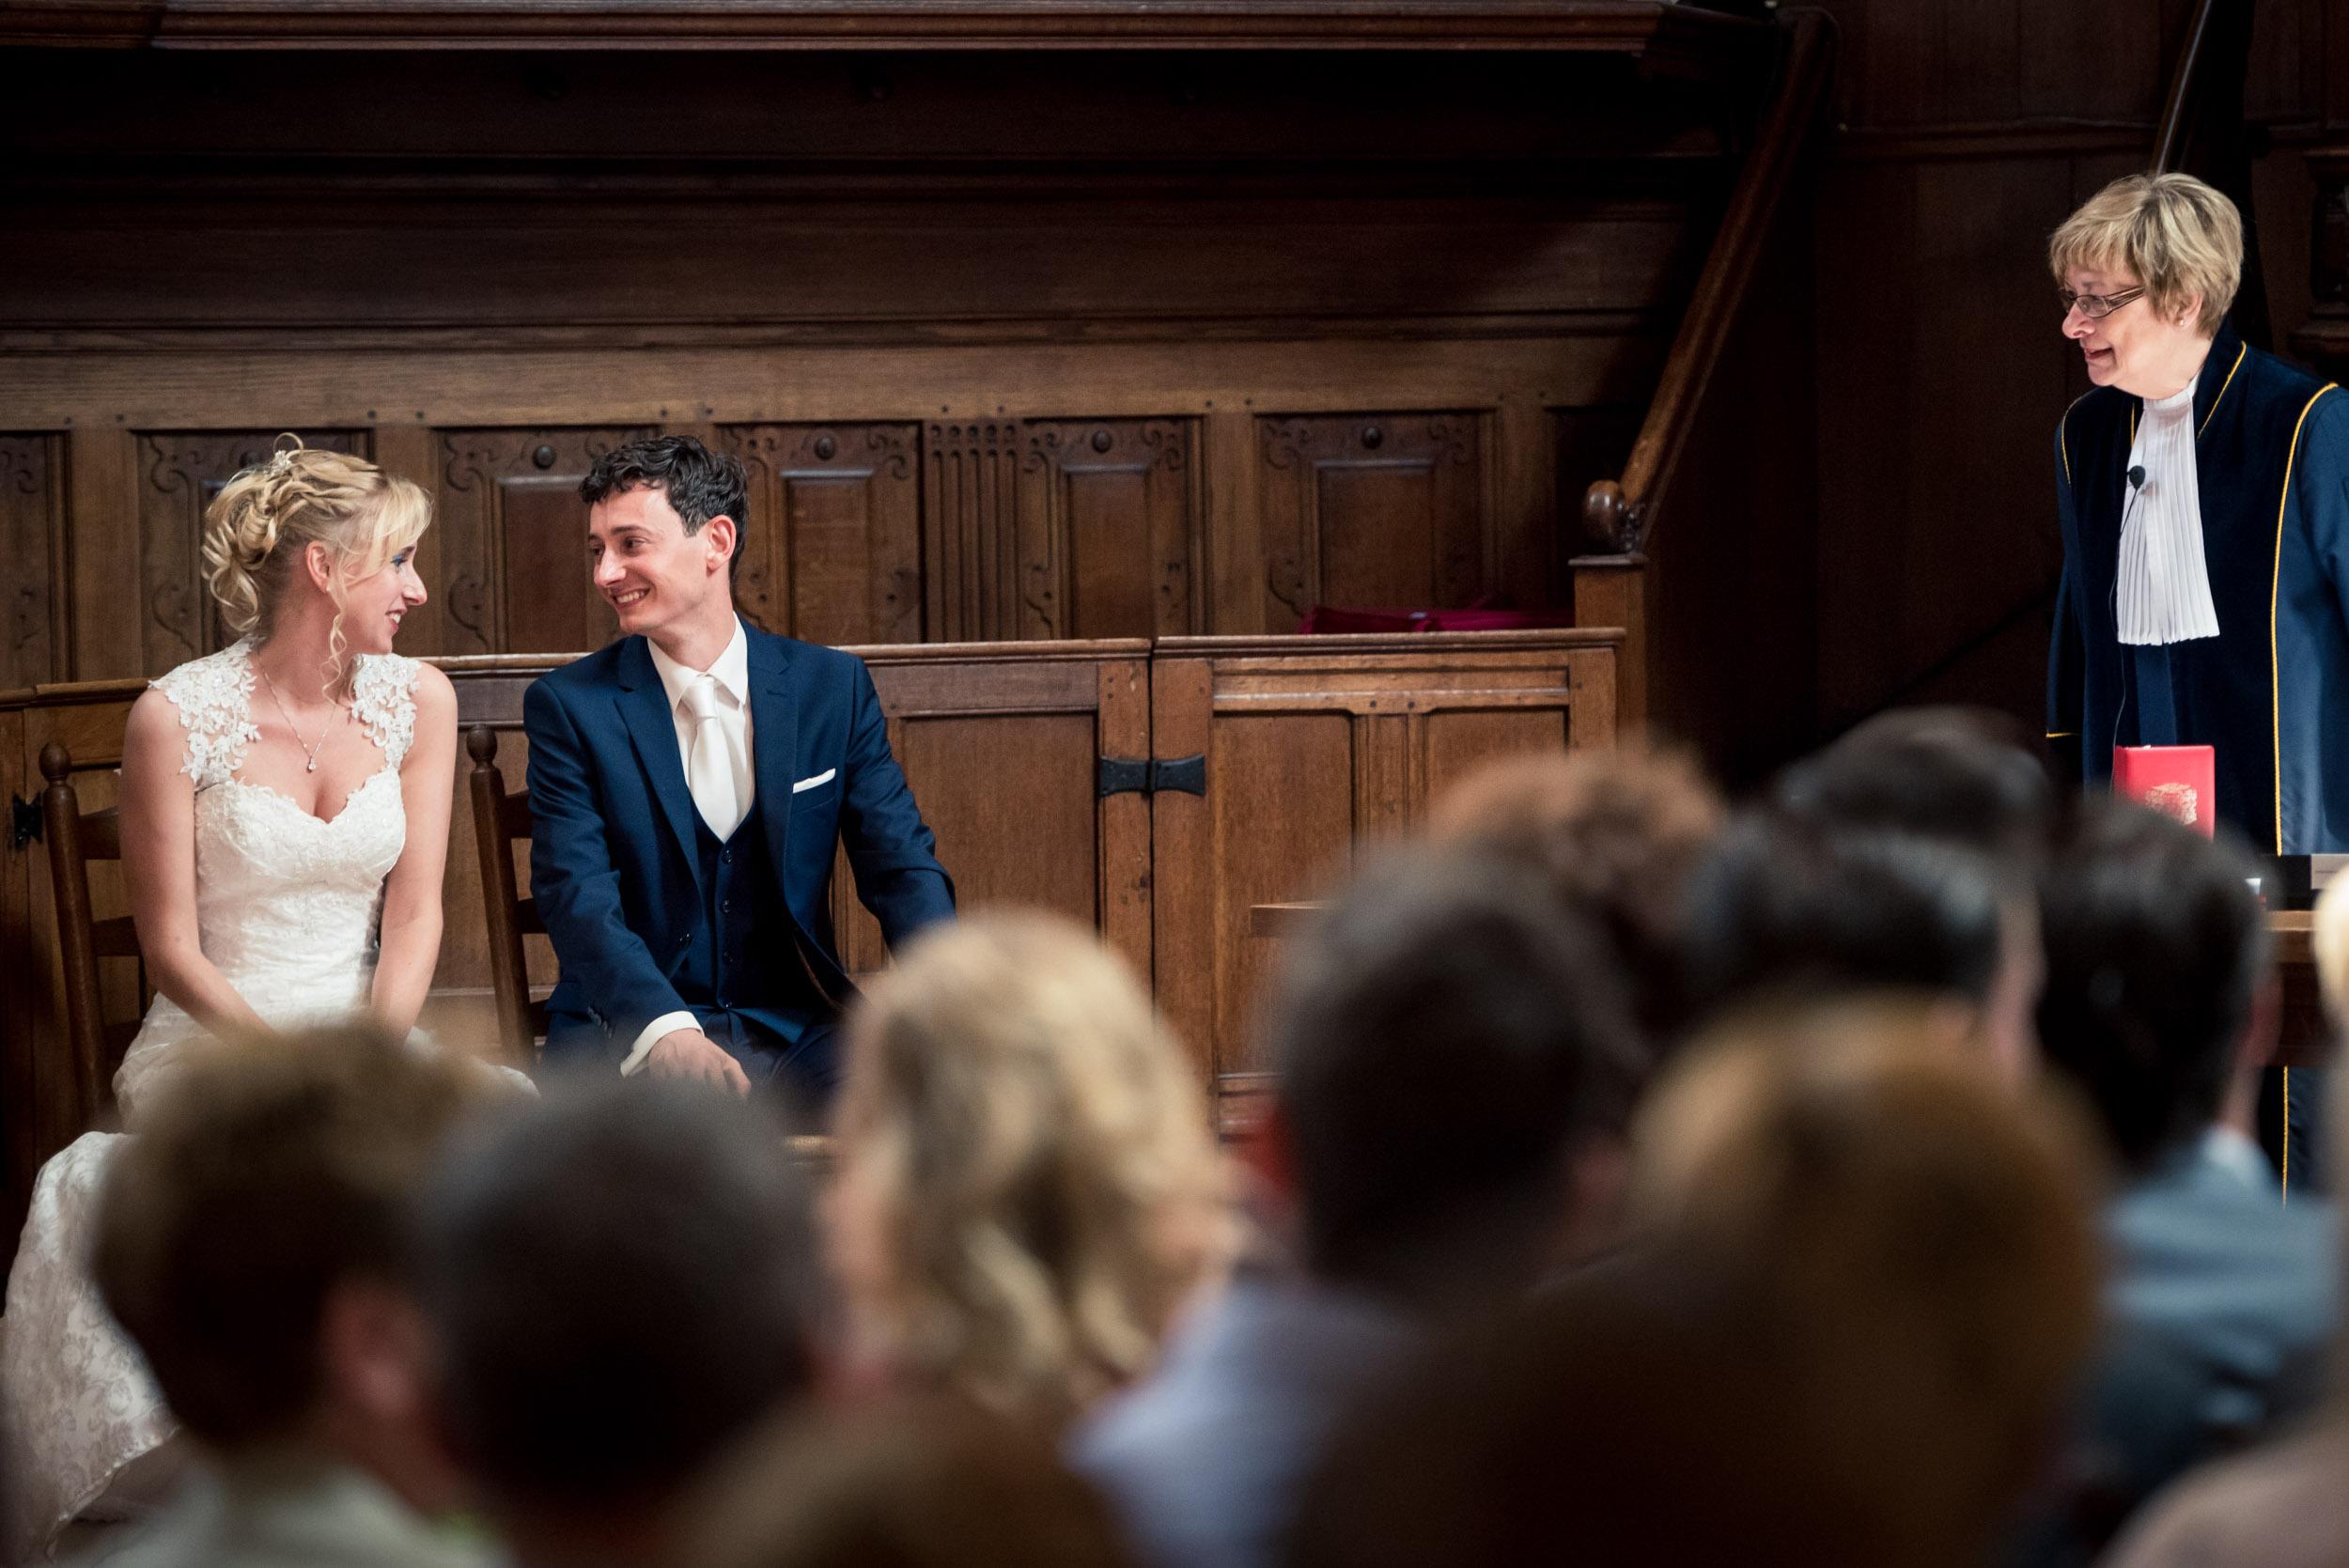 Huwelijk in Breda, met de ceremonie in de Waalse Kerk,borrel en feest bij restaurant Binnen in Breda.